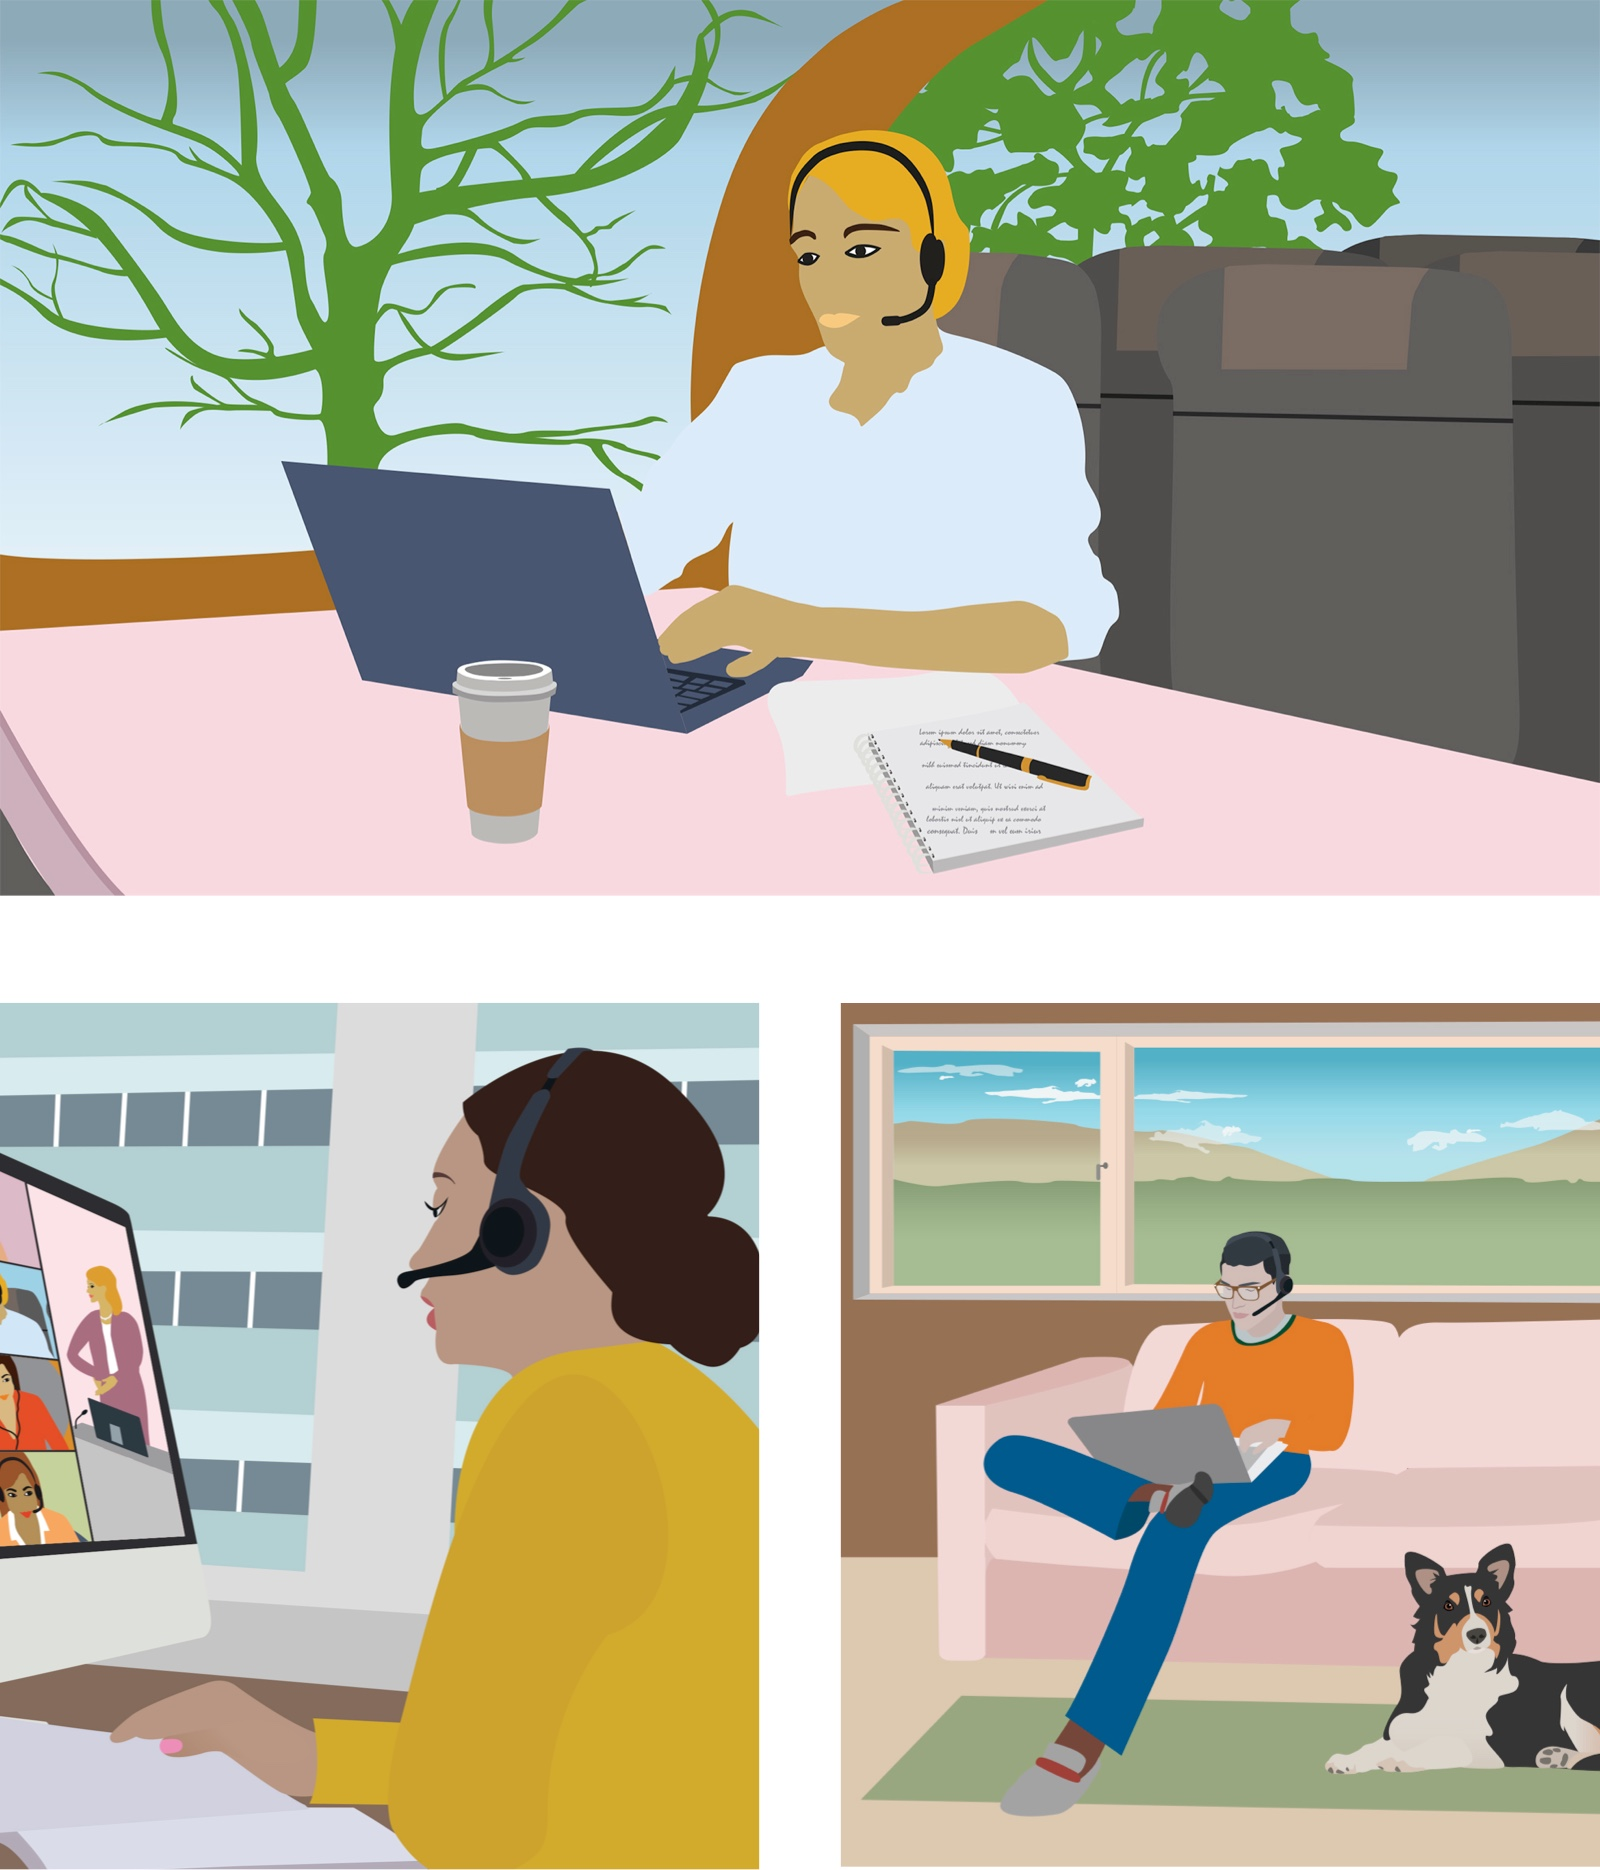 vol-2018-spring-summer-olivia-reichardt-illustrationer-och-animationer-for-fei@1600px.jpg